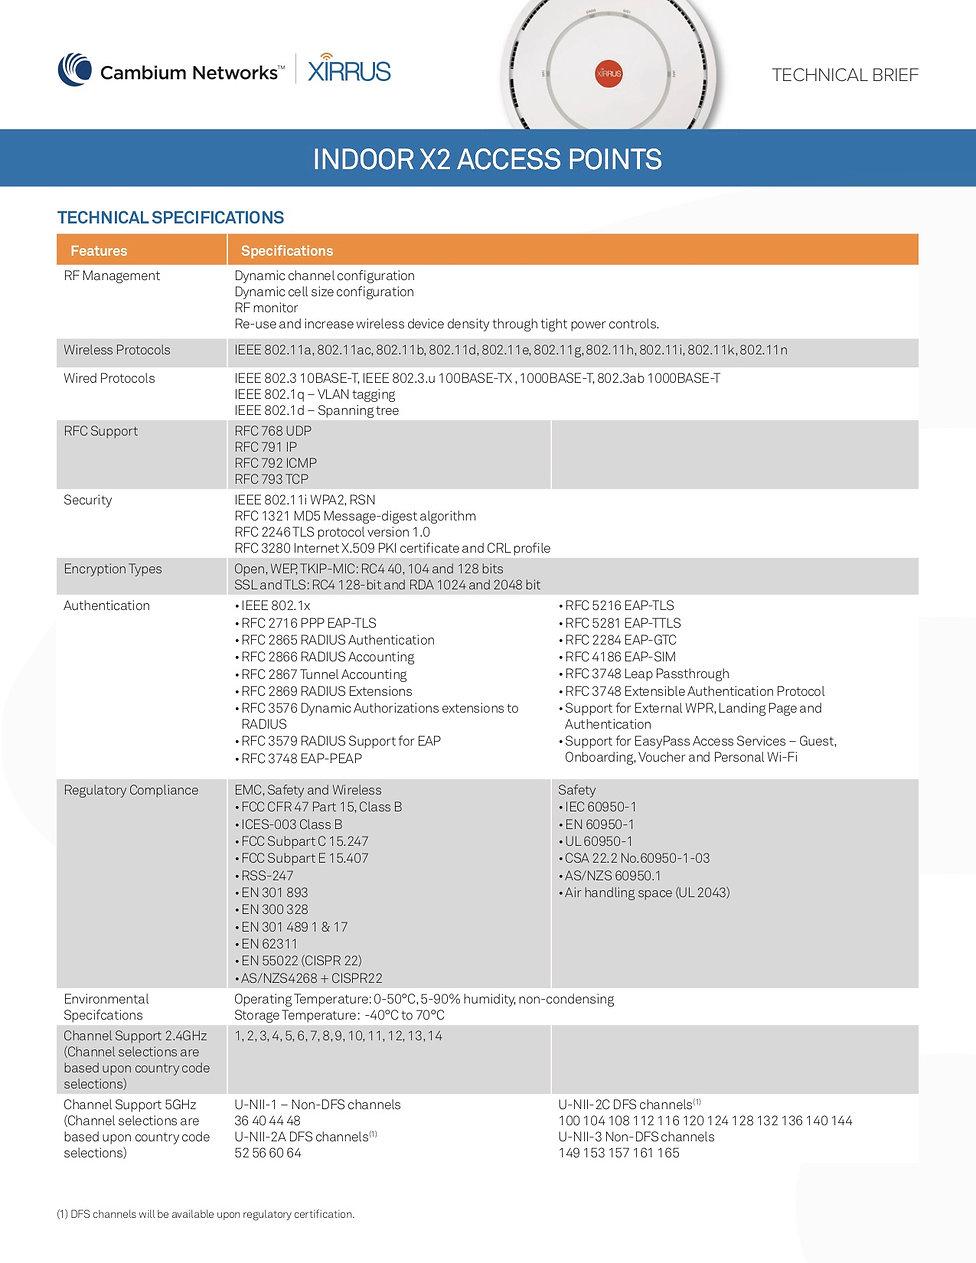 Xirrus X2-120 Indoor AP Specification